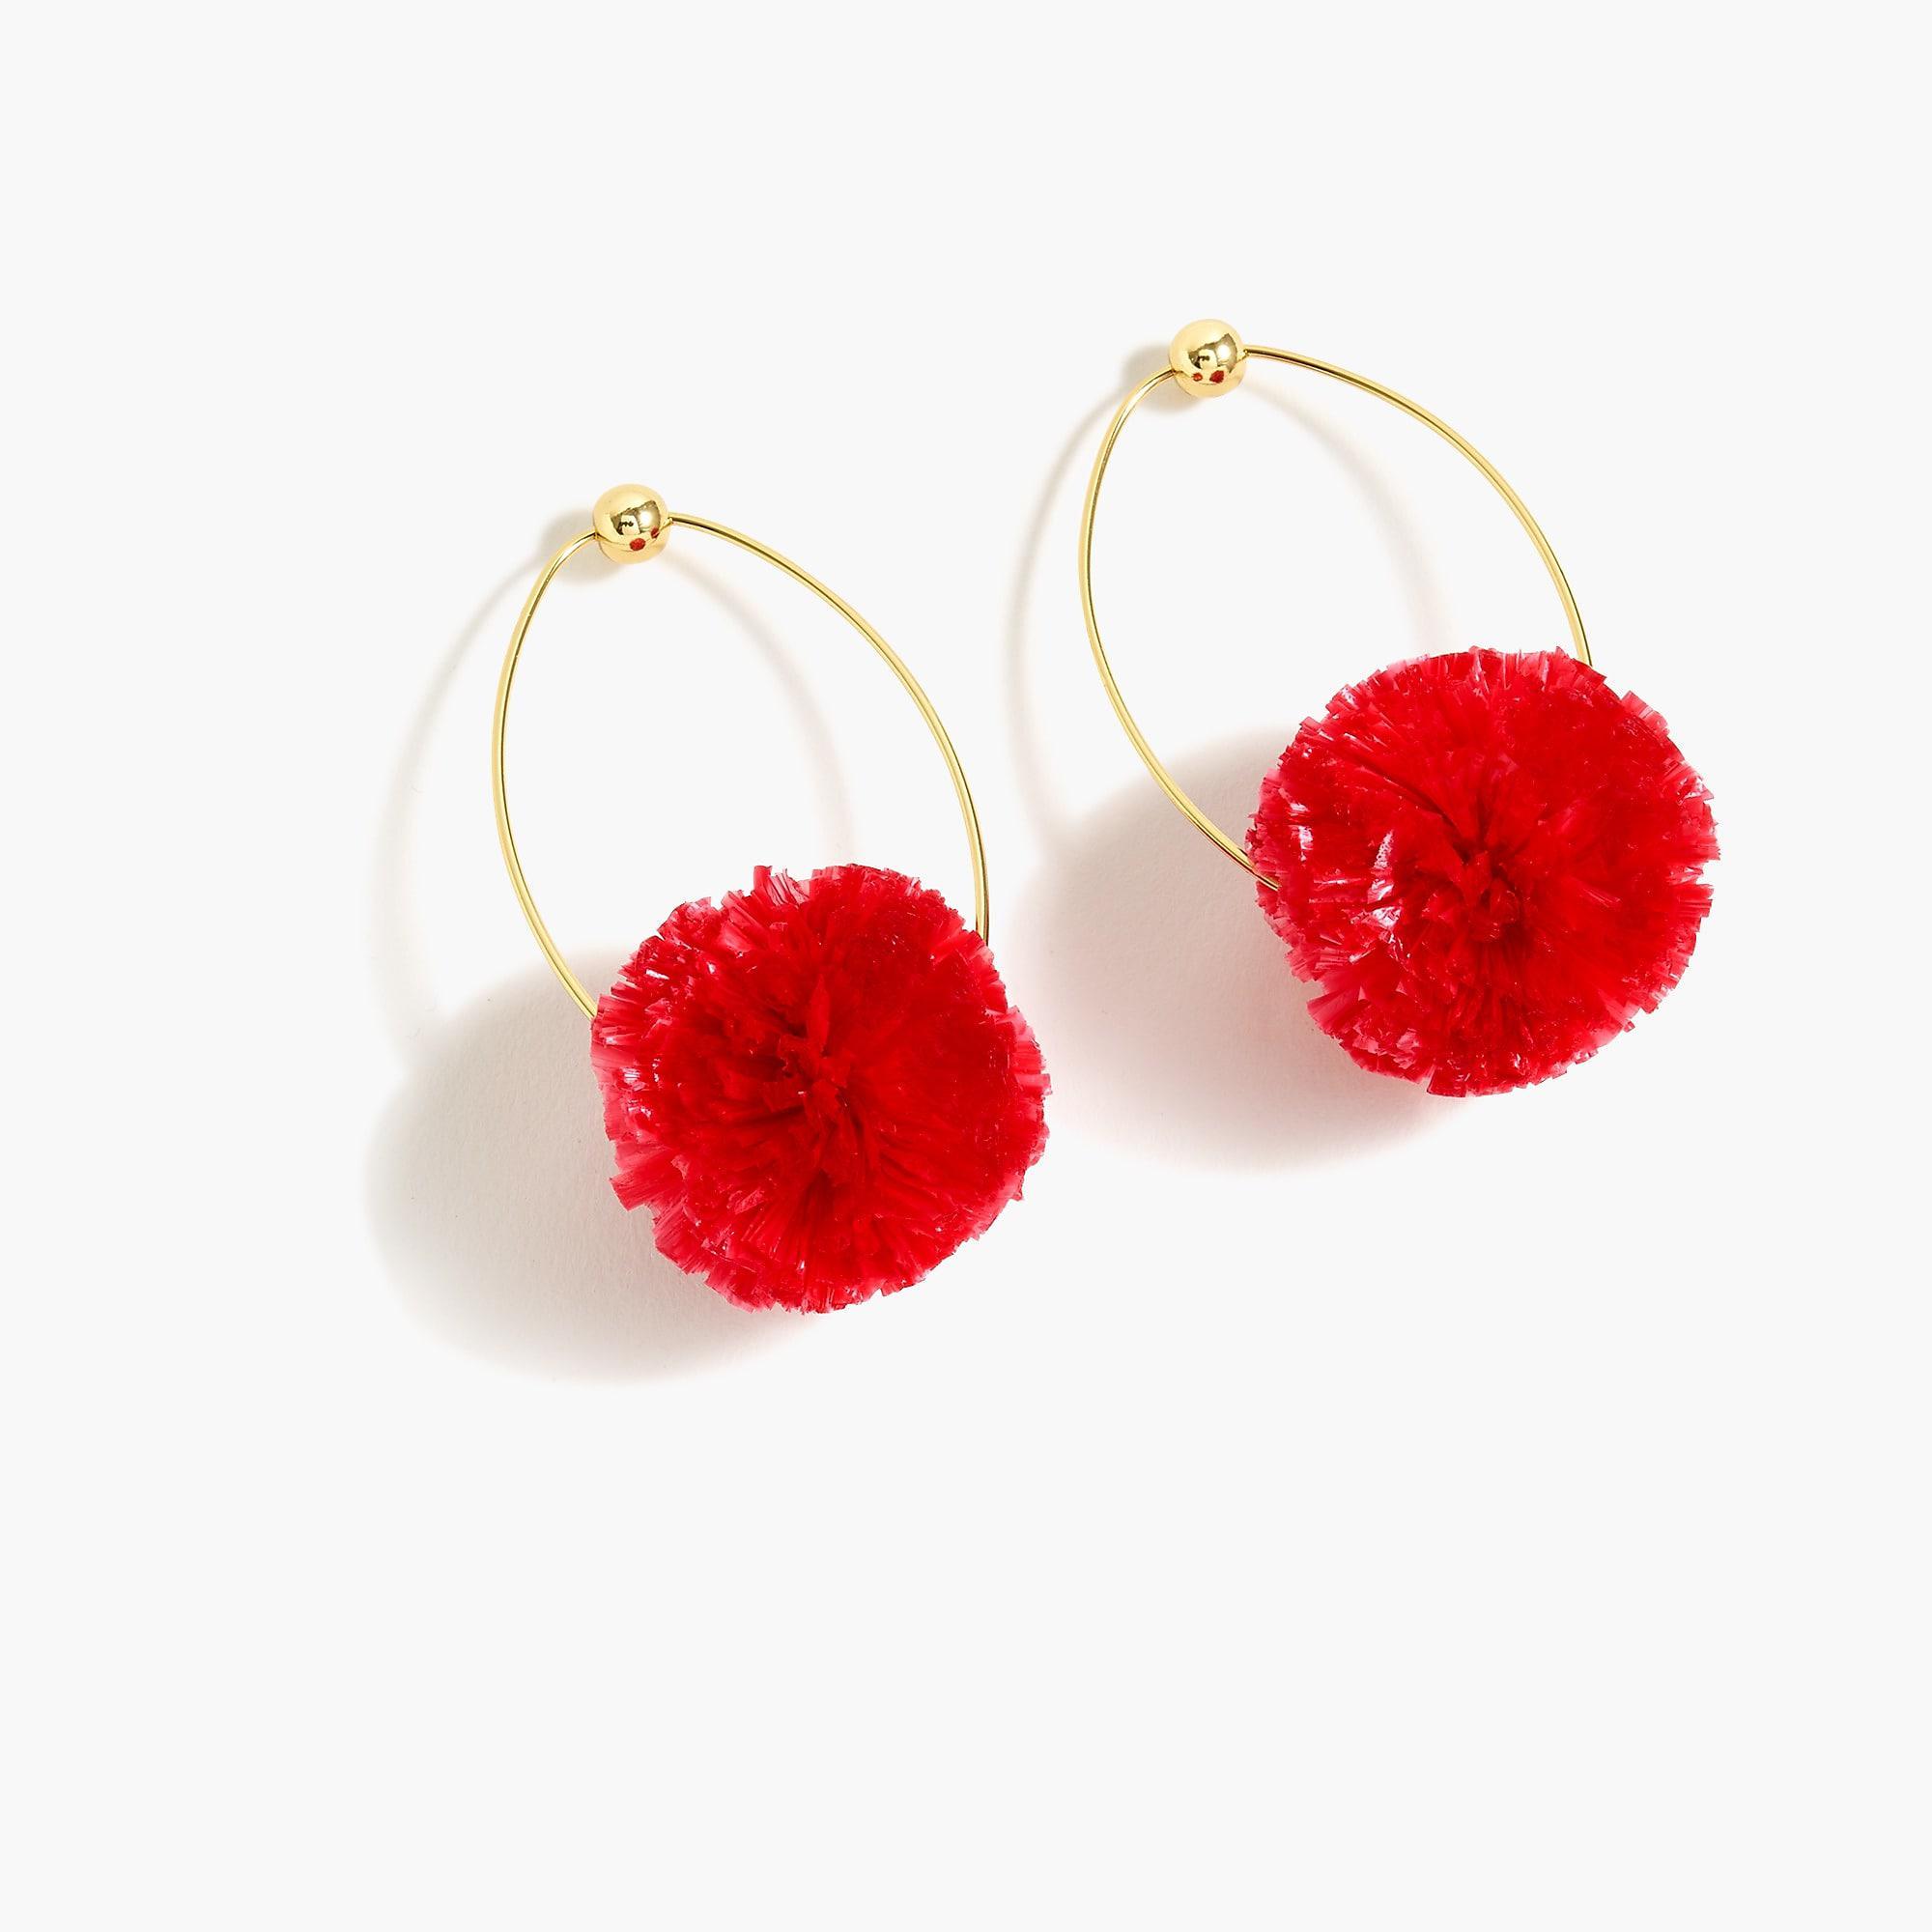 Lyst - J.Crew Raffia Pom-pom Earrings in Red